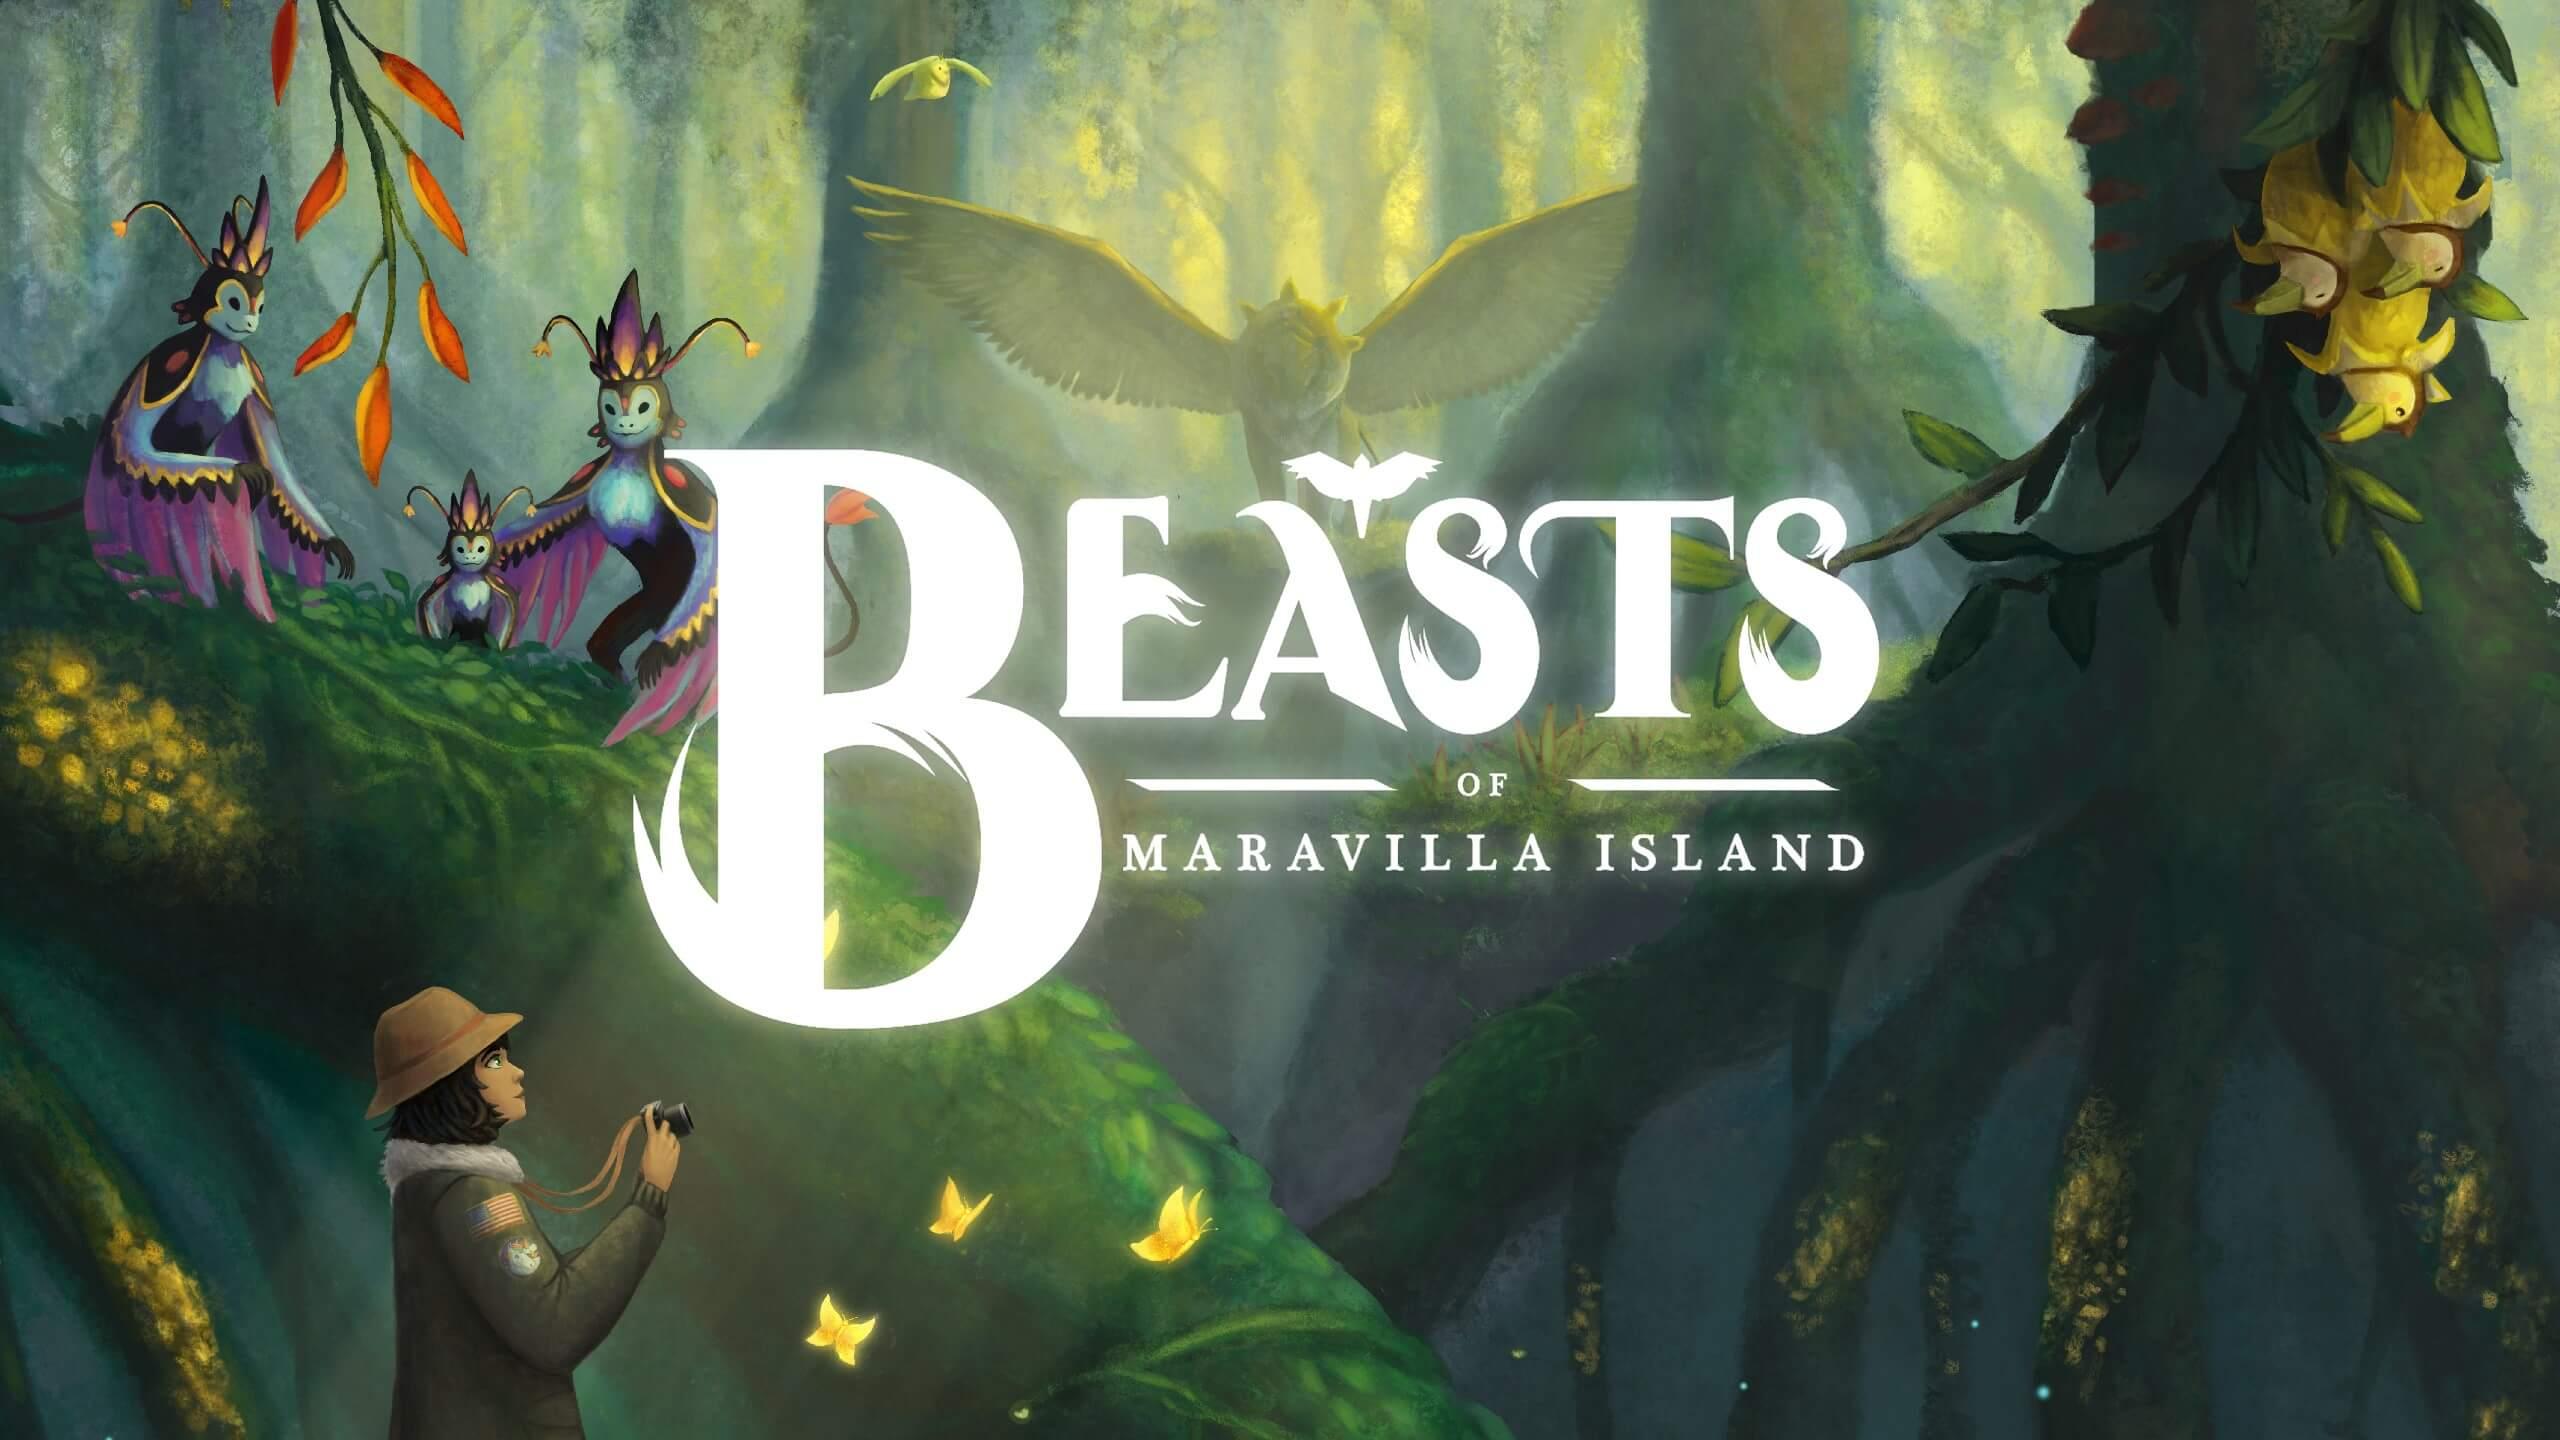 马拉维拉岛的奇禽异兽(Beasts of Maravilla Island)插图5